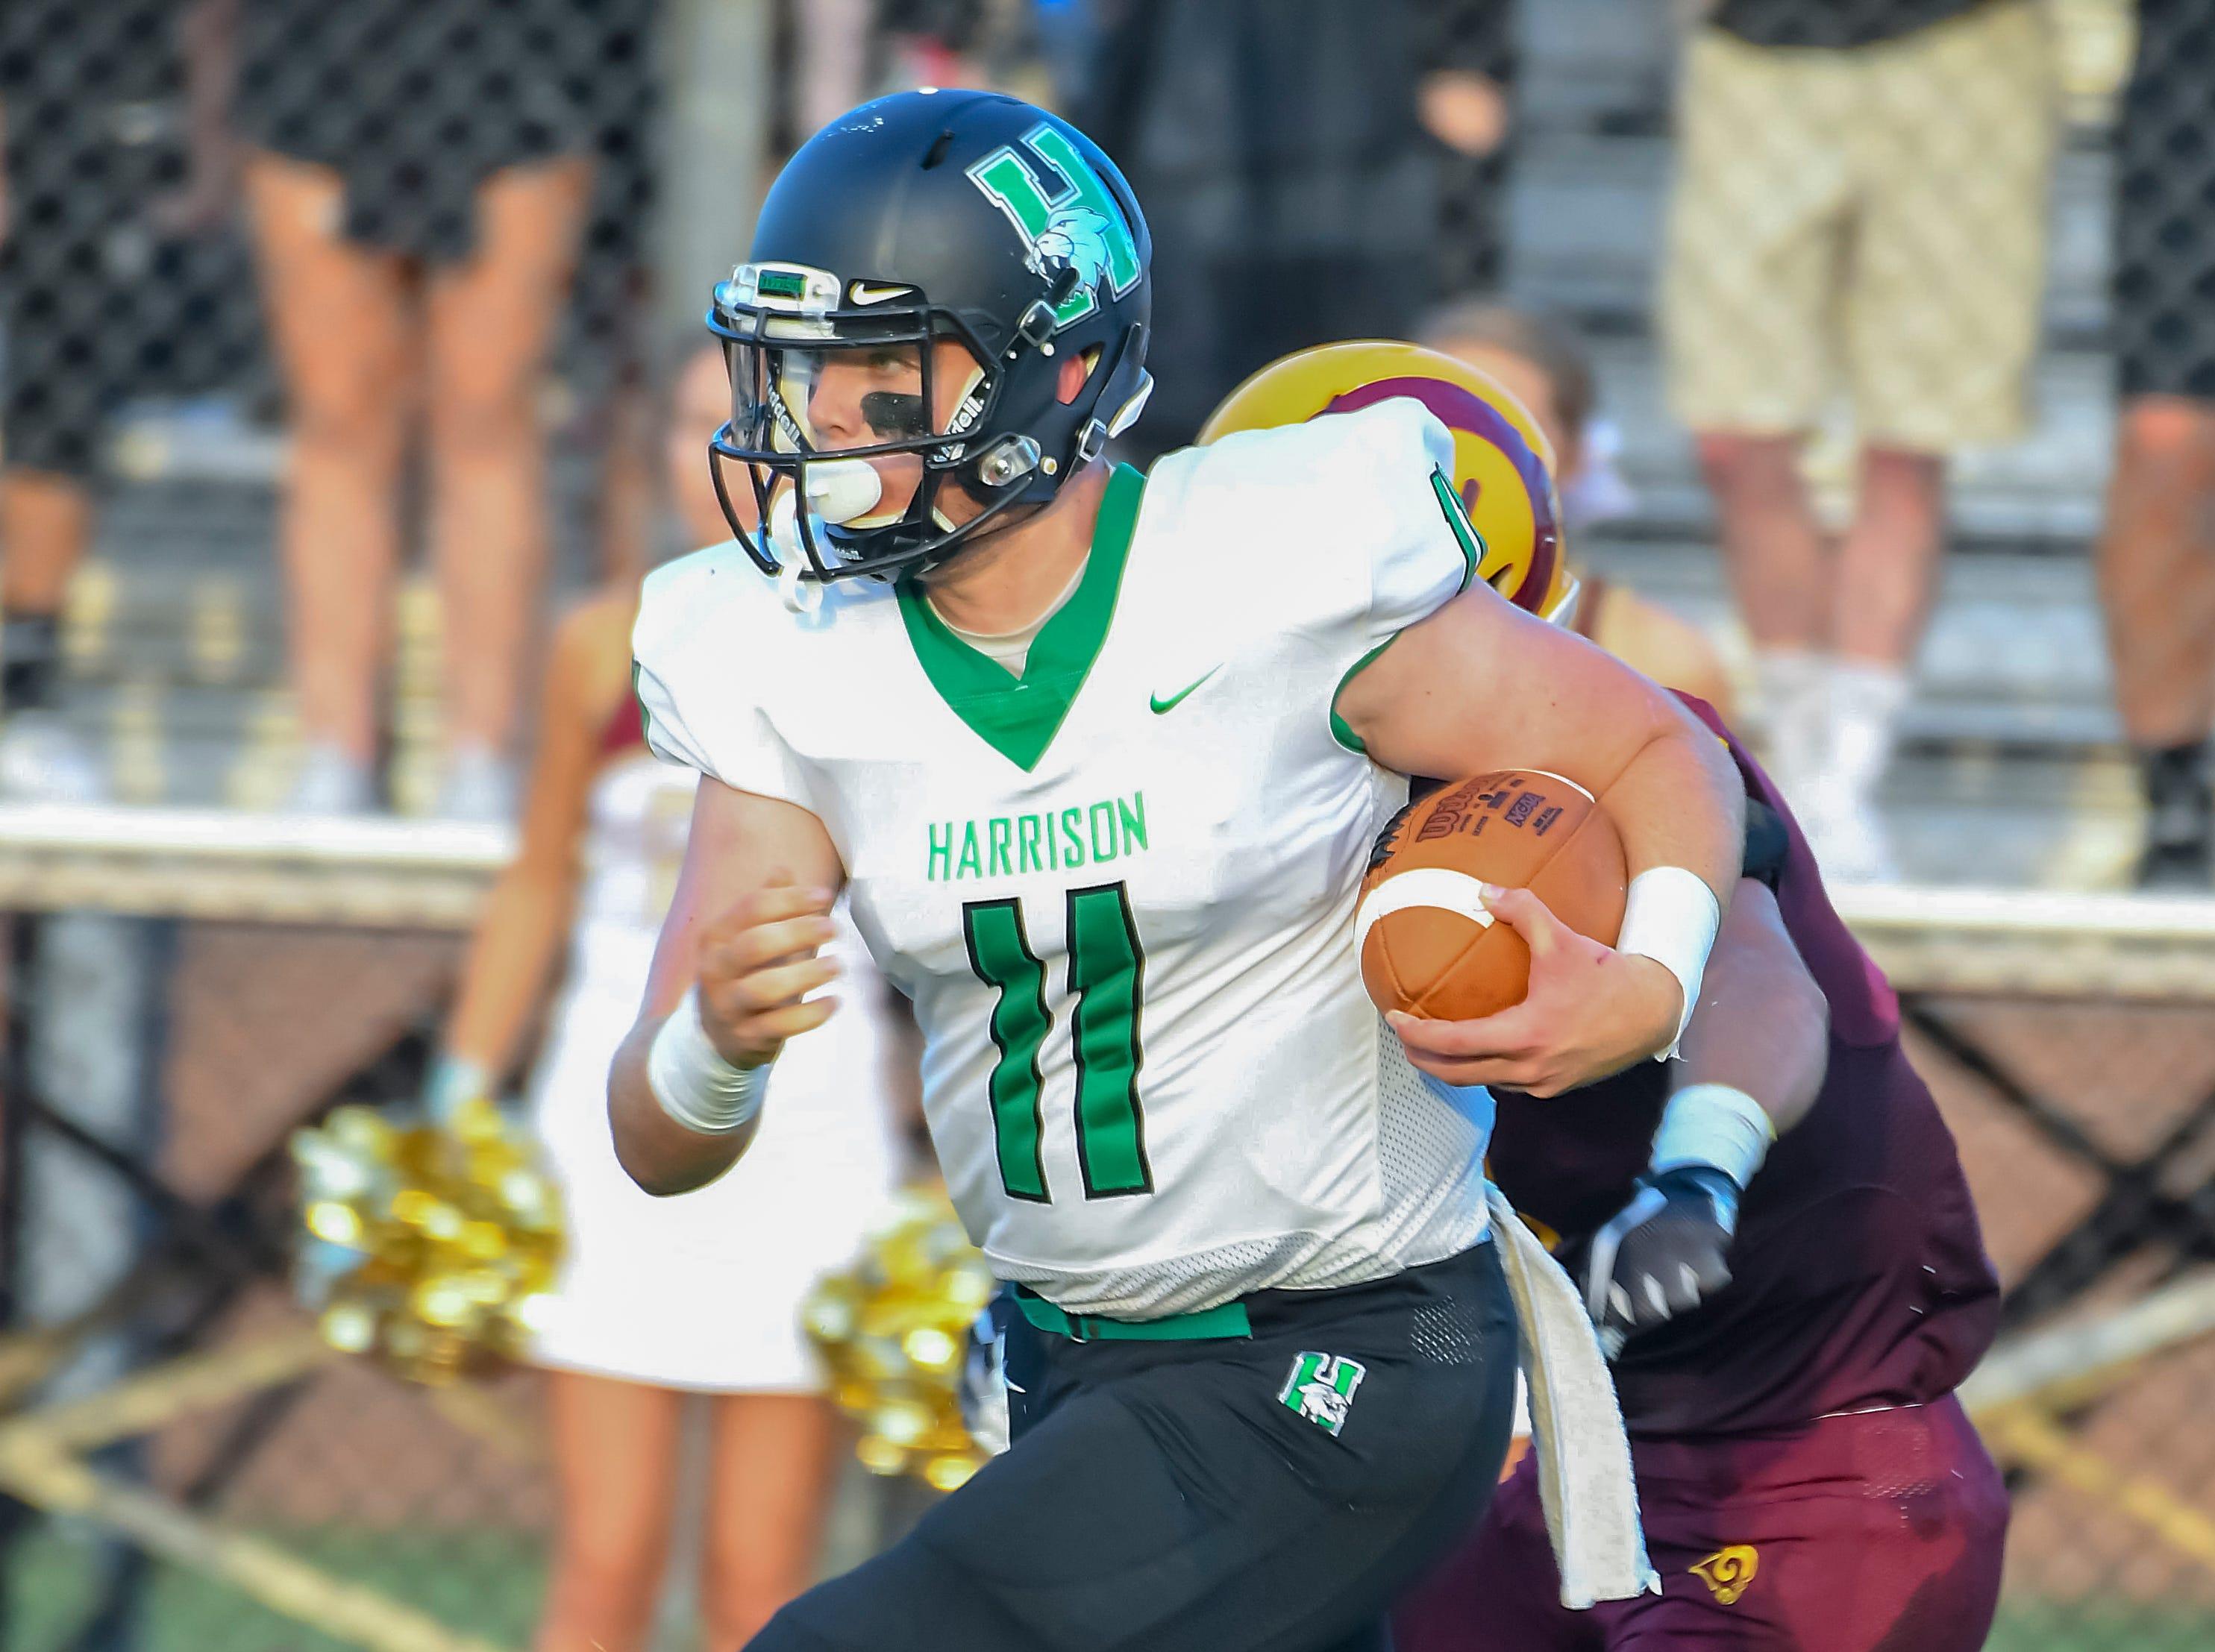 Connor Kinnett of Harrison runs the ball against Ross, Ross High School, Friday, September 14, 2018